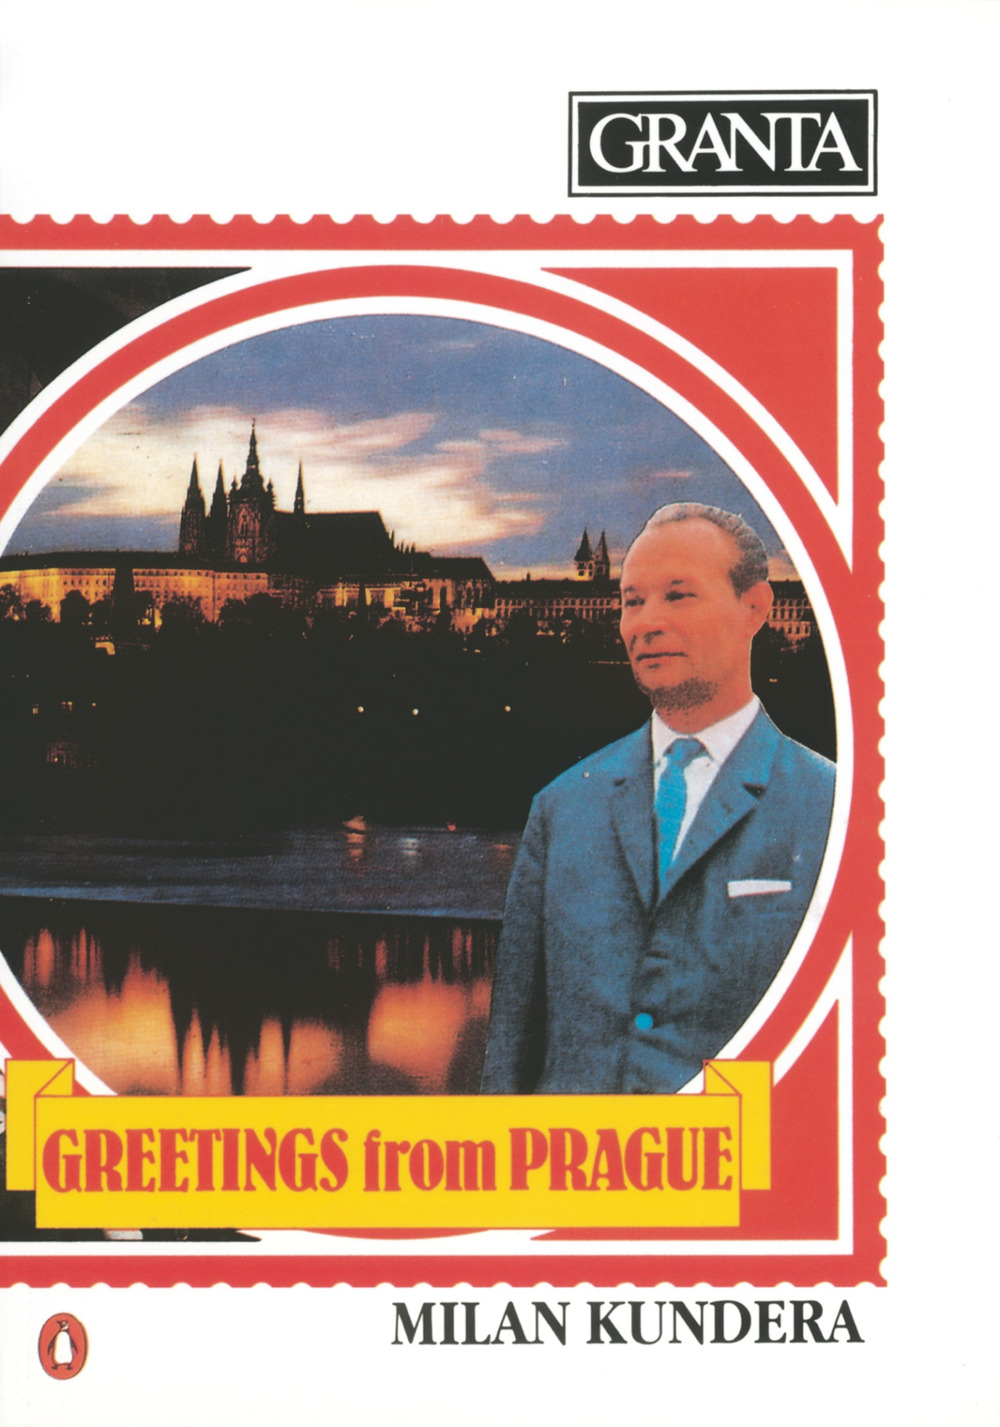 Granta 11: Greetings from Prague